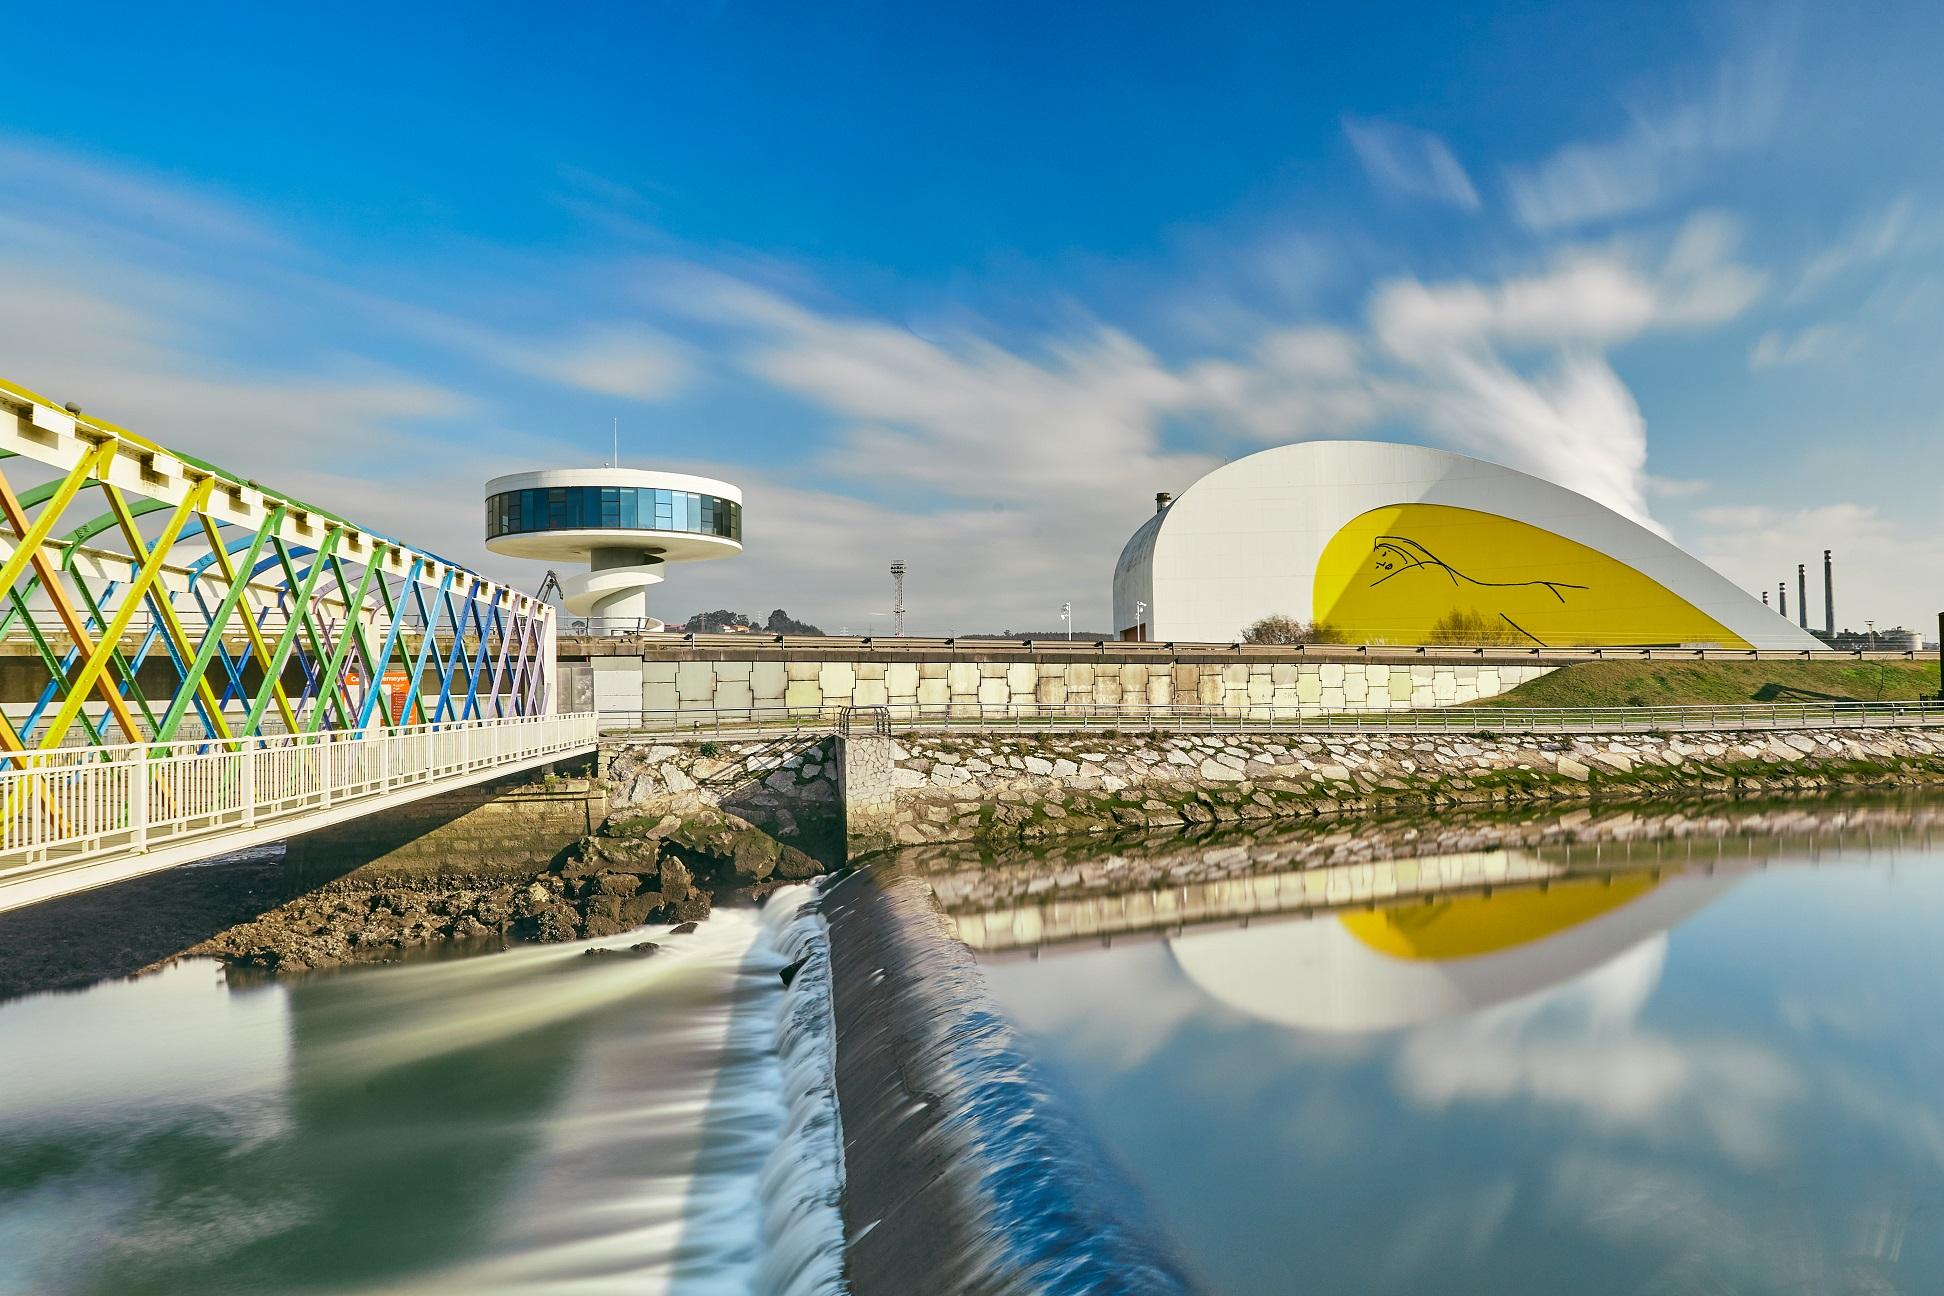 El Centro Niemeyer cancela los espectáculos y actividades de los próximos 15 días debido a la ampliación temporal de las restricciones sanitarias